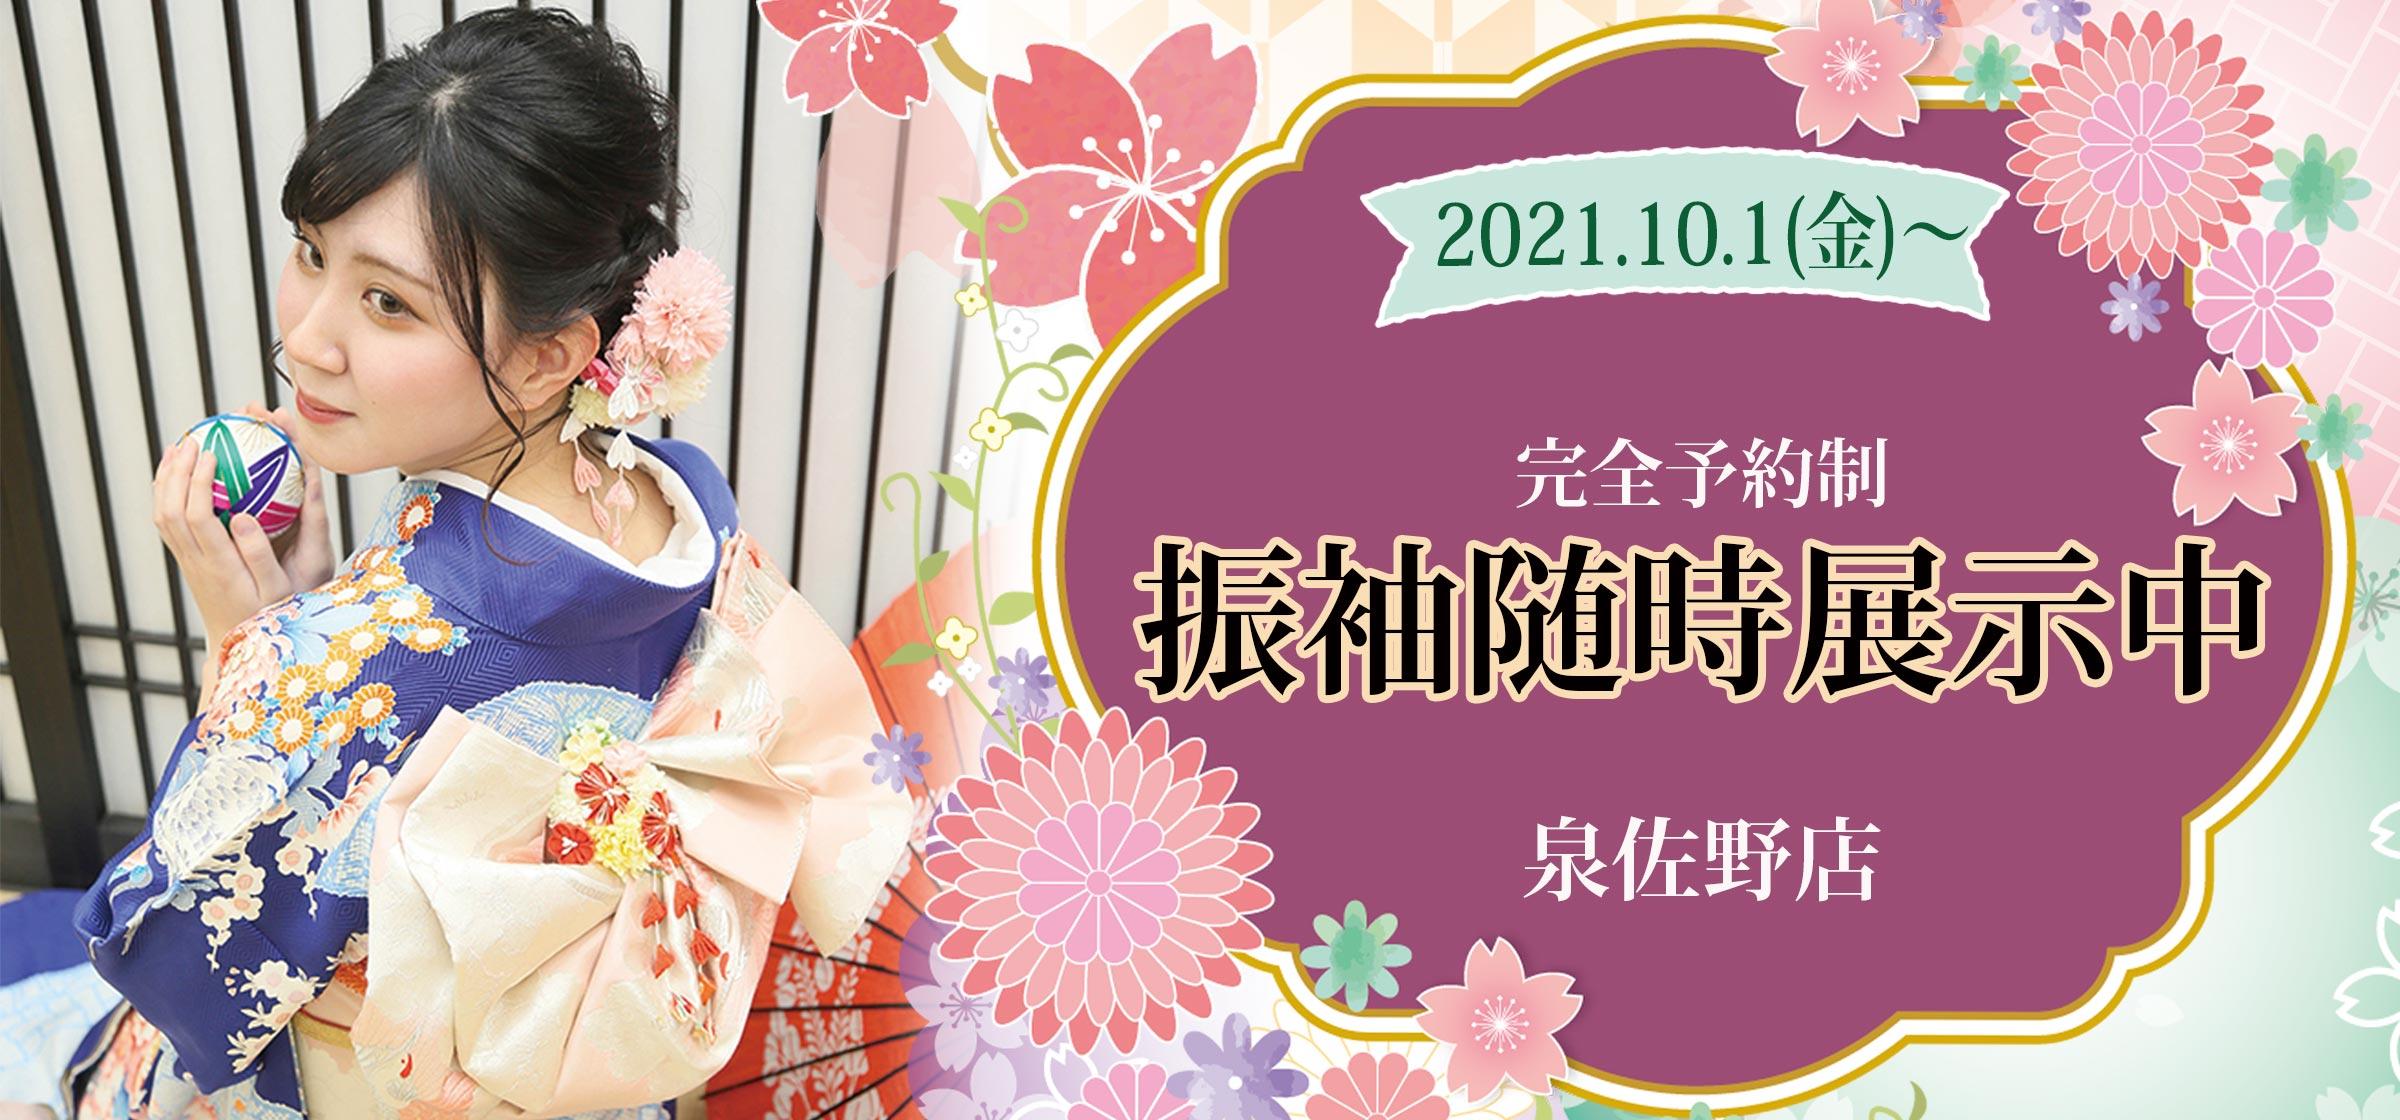 10月振袖相談会 泉佐野店開催